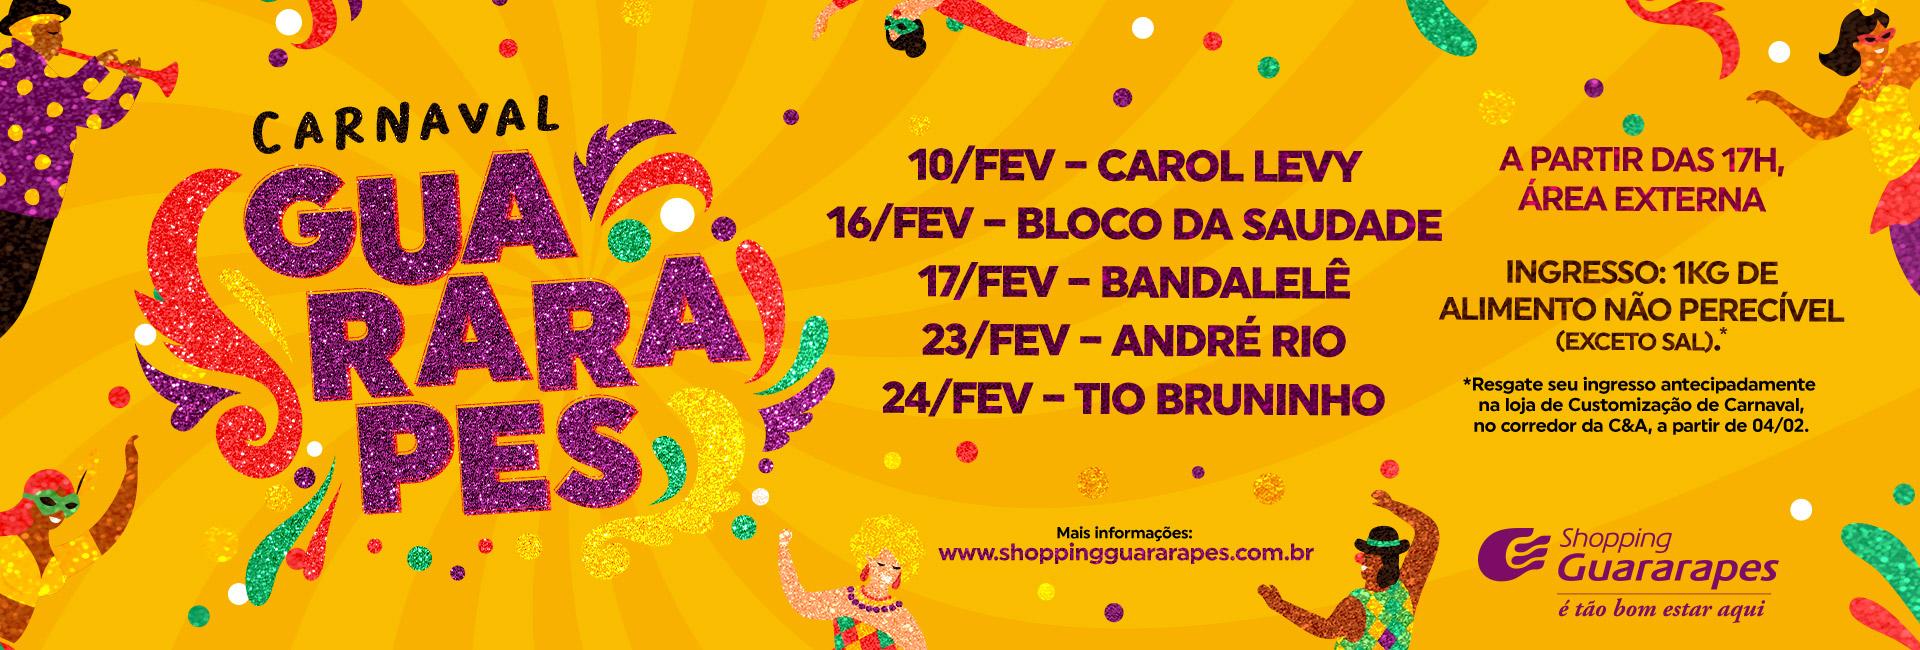 Carnaval Guararapes